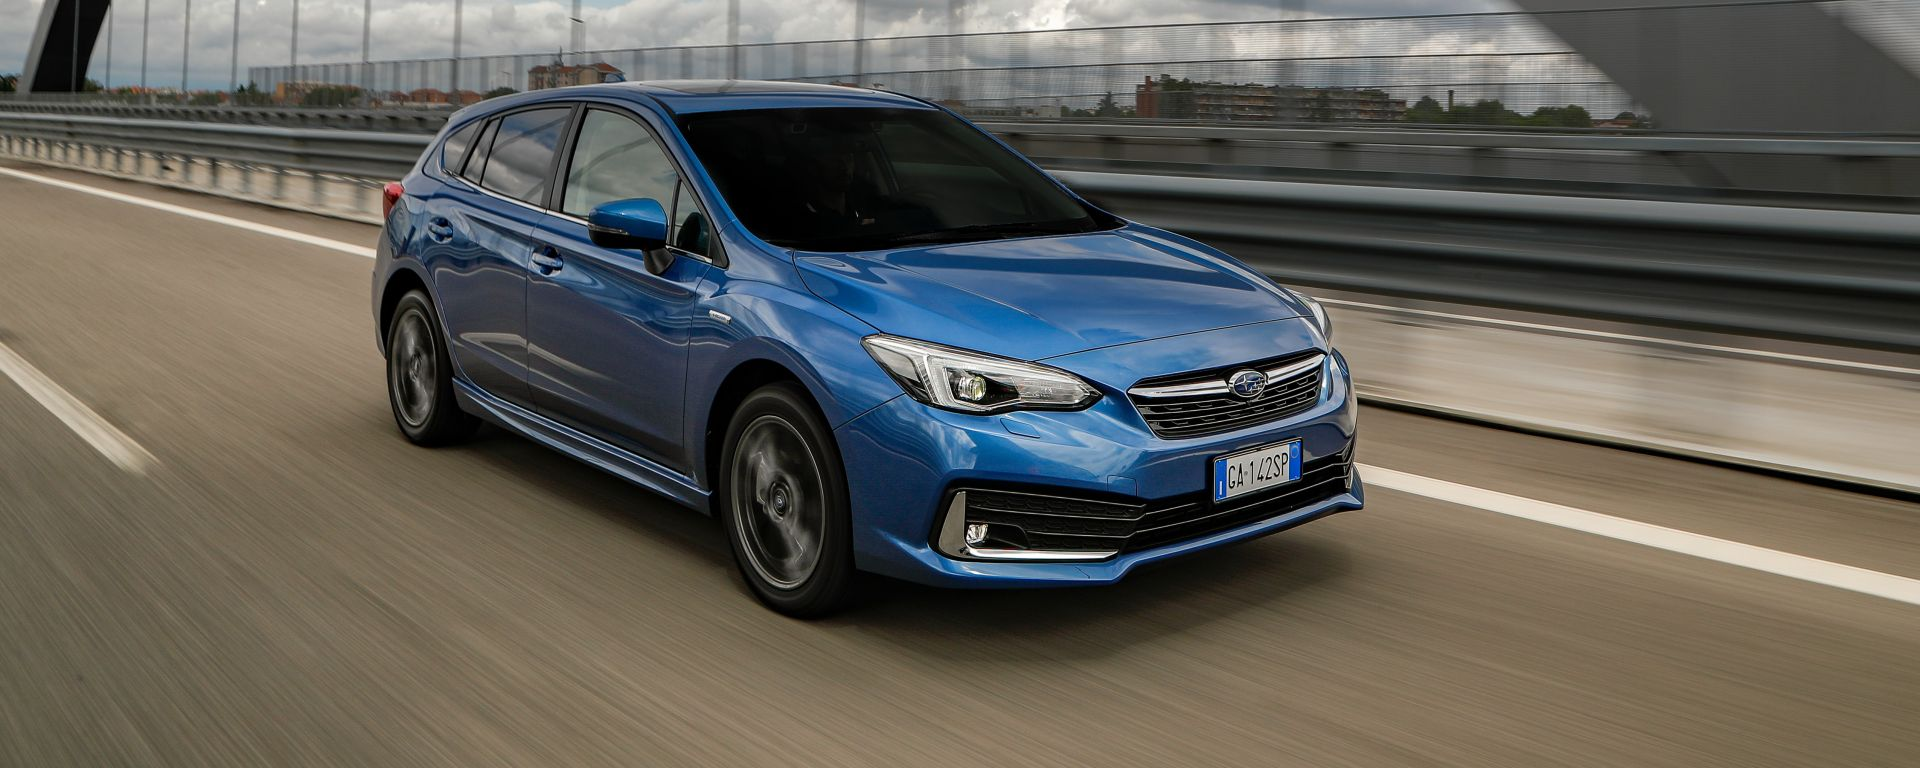 Subaru Impreza e-Boxer: il 3/4 anteriore